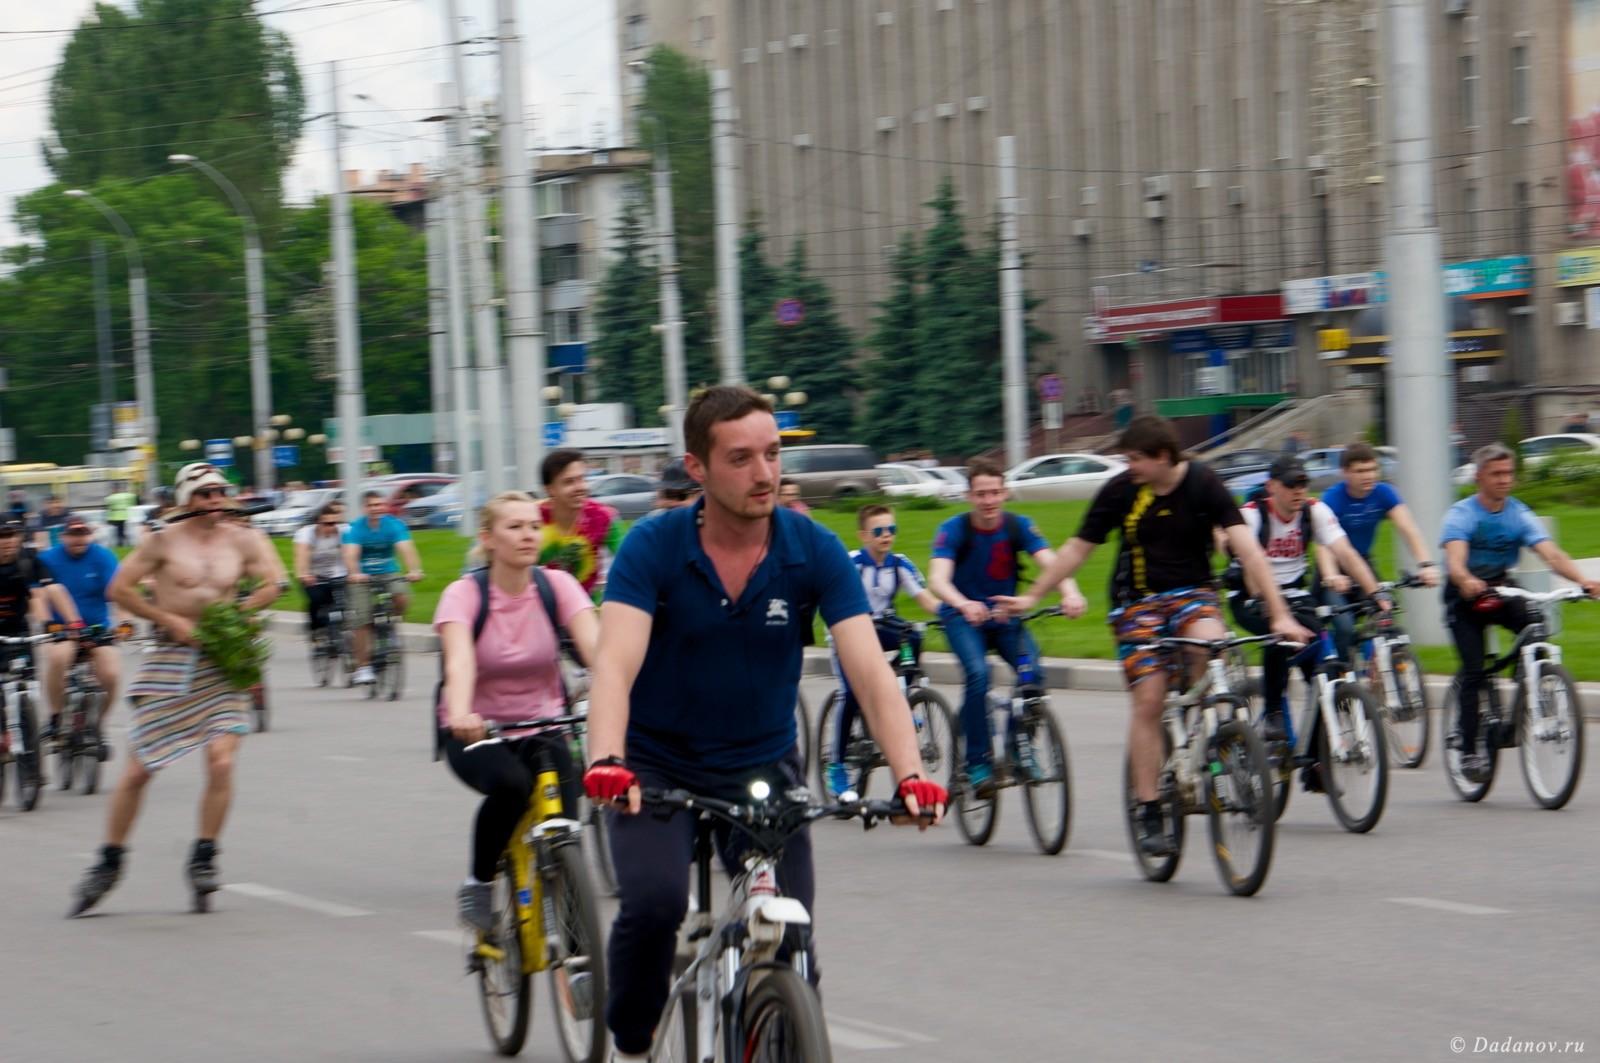 Велодень 2016 в Липецке состоялся. Фотографии с мероприятия 3007